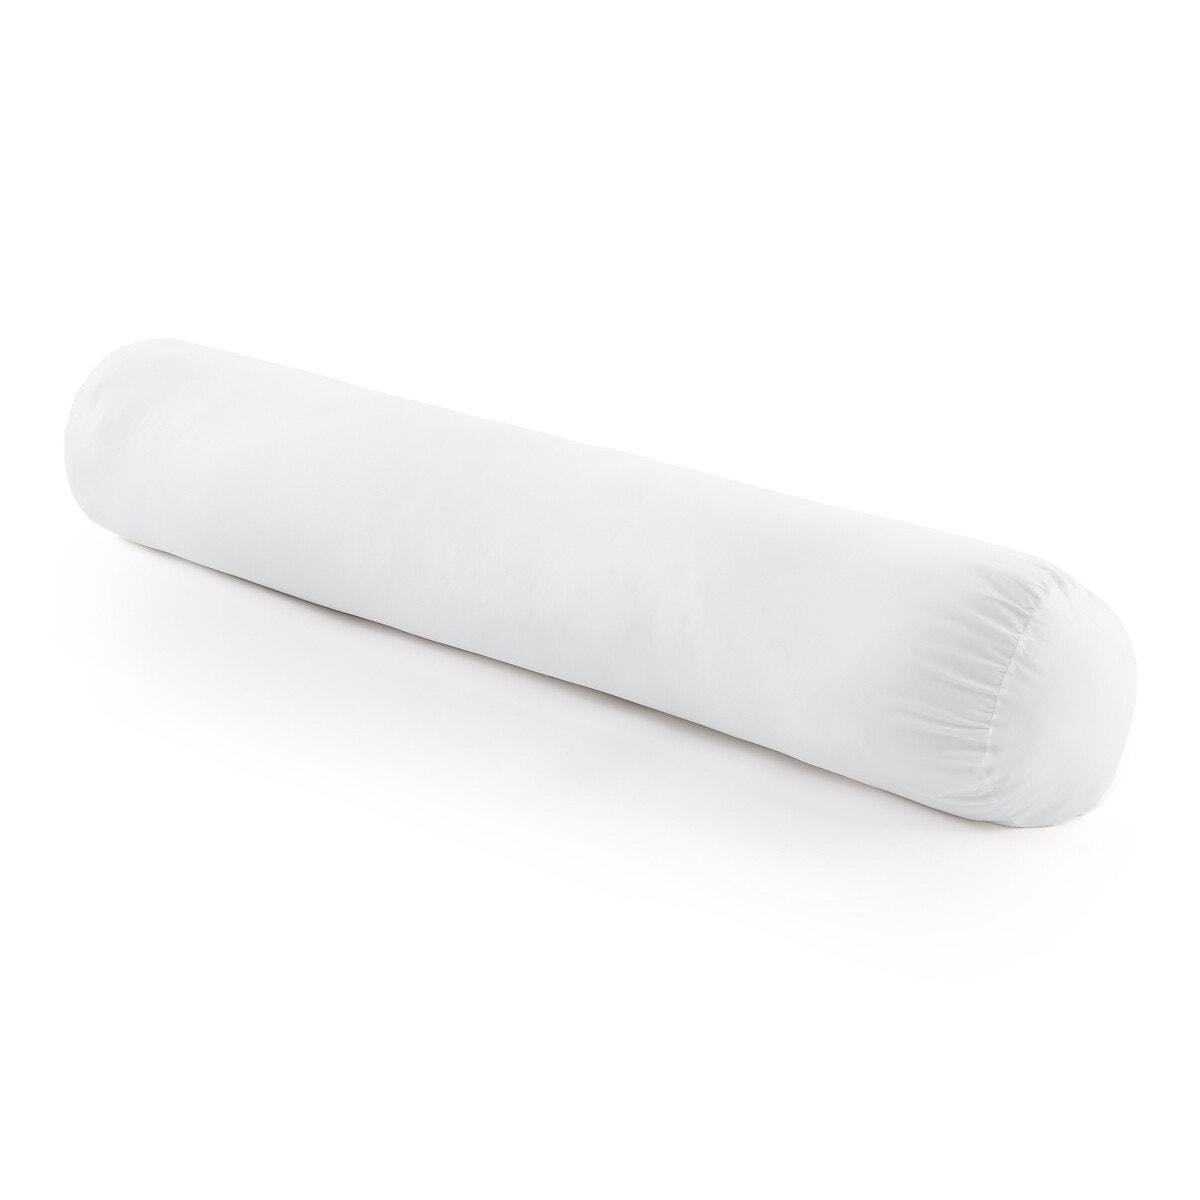 Συνθετικό μαξιλάρι-καραμέλα με επεξεργασία Sanitized